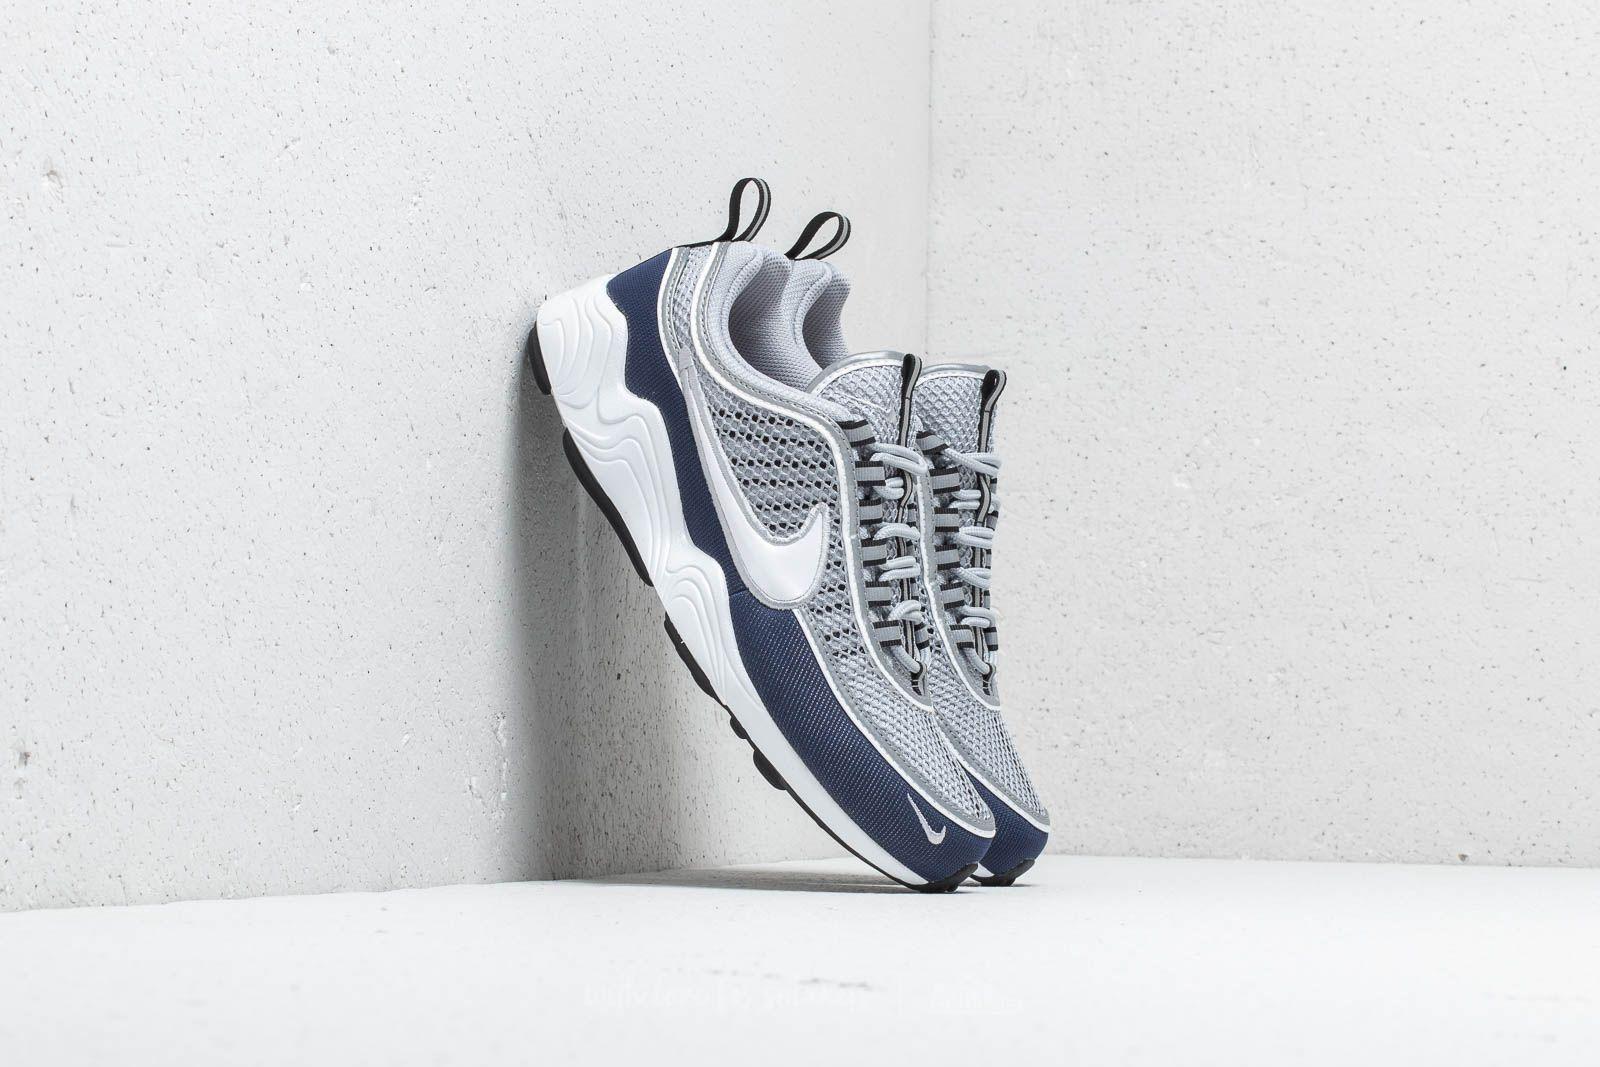 Nike Air Zoom Spiridon '16 Wolf Grey/ White-Midnight Navy za skvělou cenu 3 790 Kč koupíte na Footshop.cz